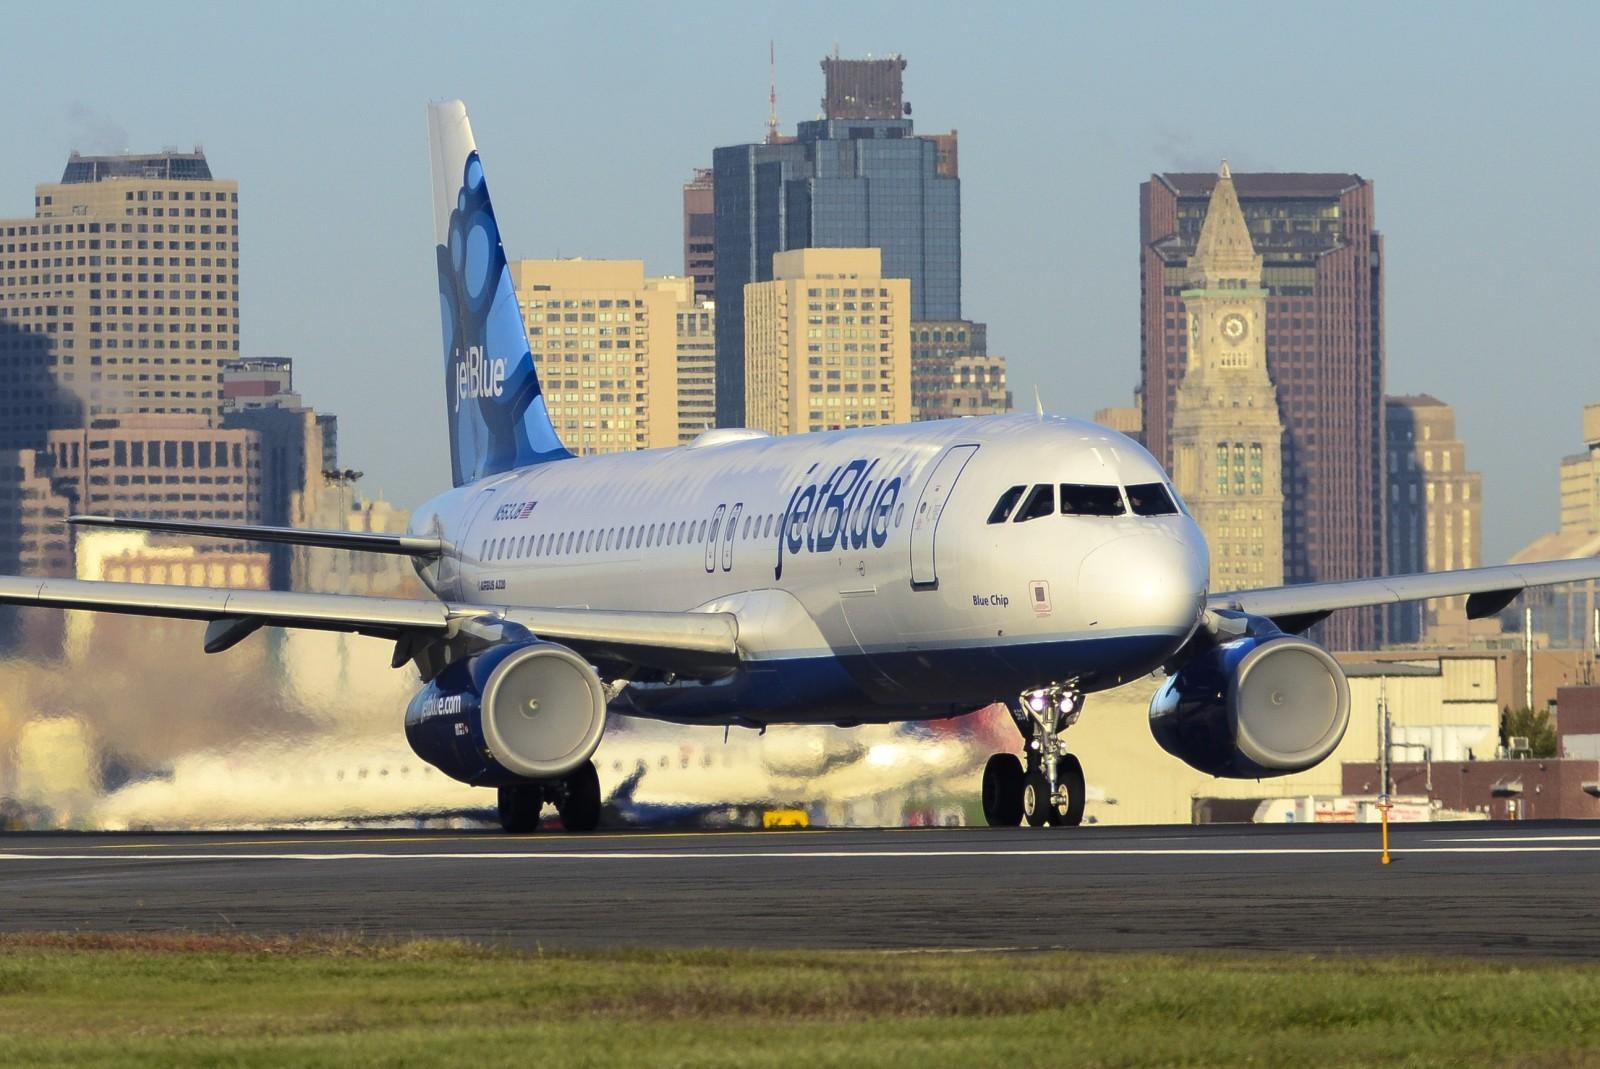 РБК: Аэропорт Стригино возвращает в расписание международные рейсы